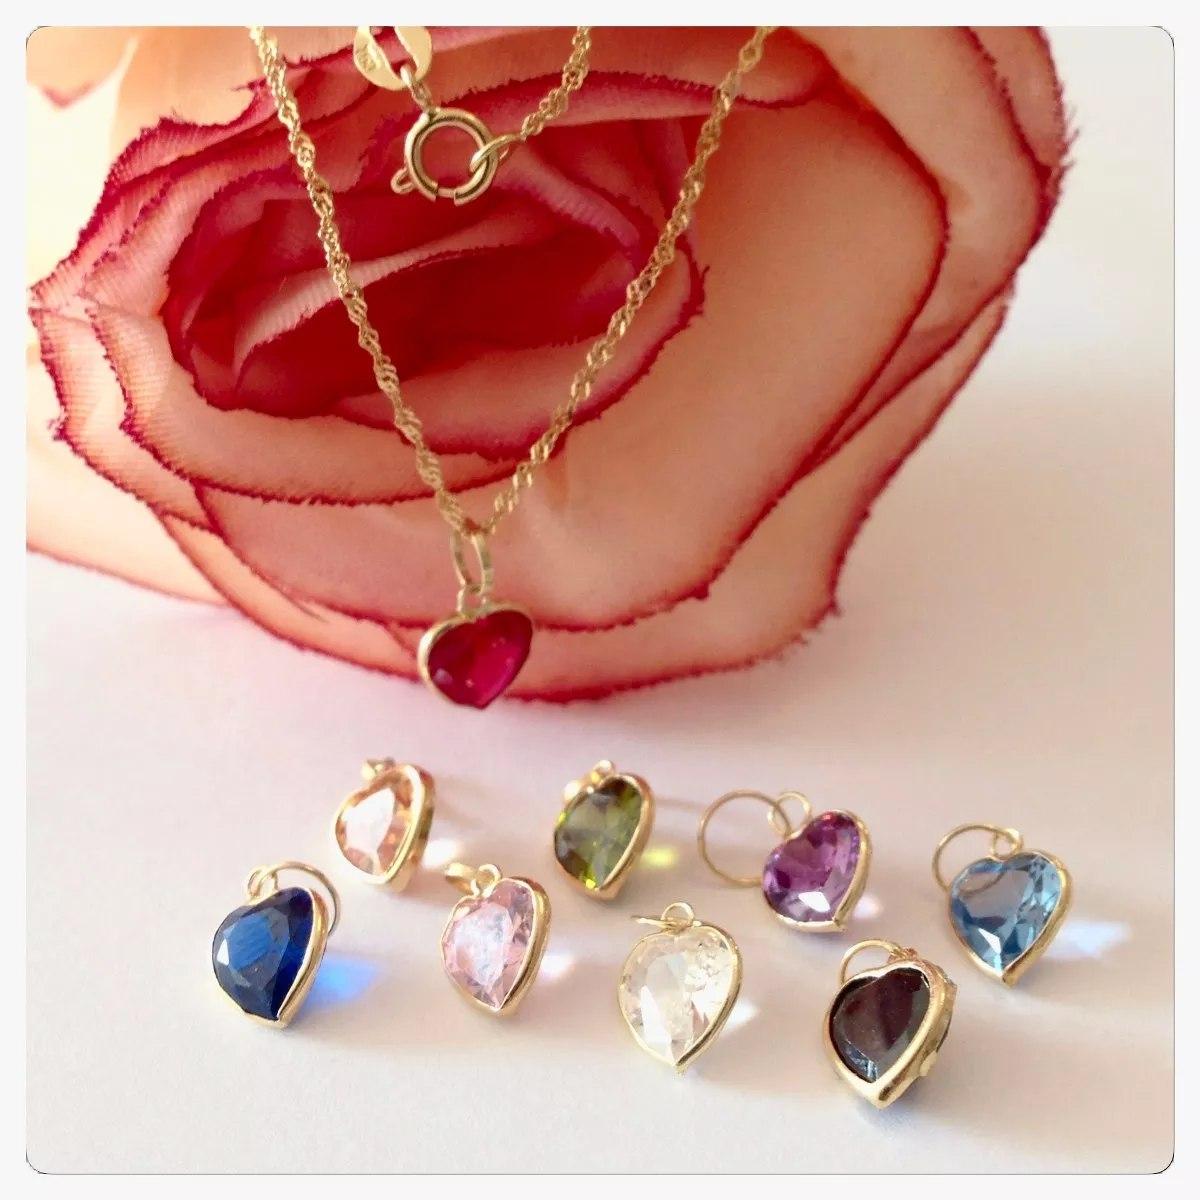 Pingente Coração Cor Rubi Ametista Azul Rosa Joia Ouro 18k - R  69 ... f67077ed72